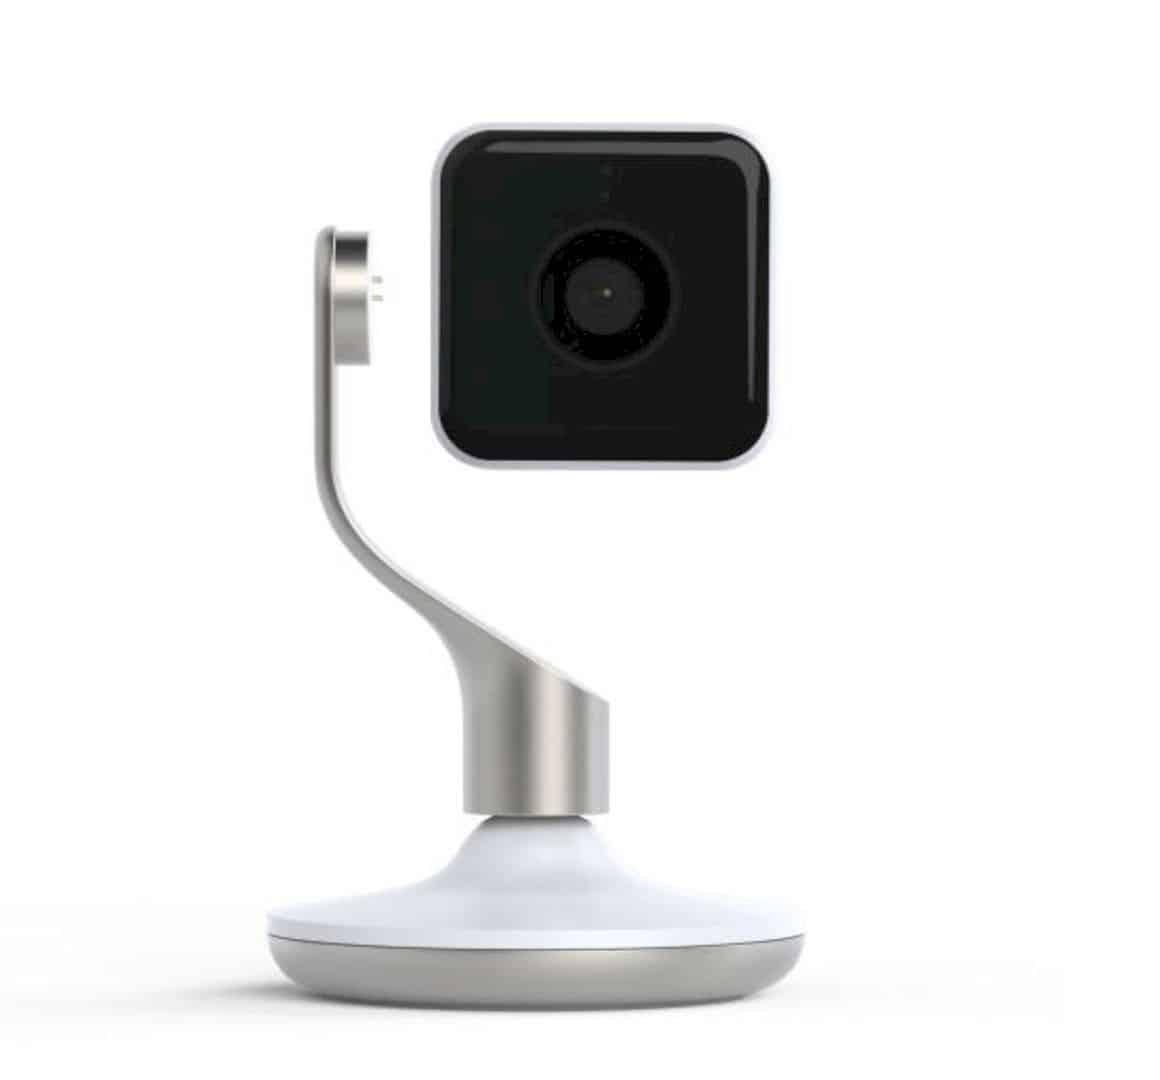 Hive View: New Smart Indoor Camera